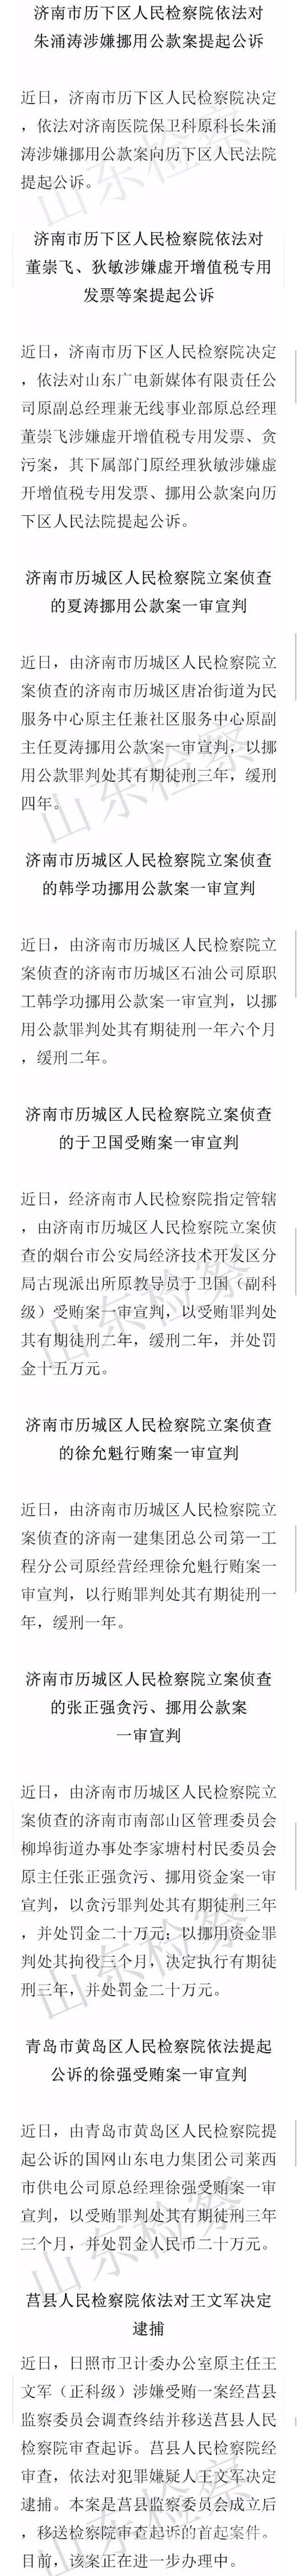 济南 青岛 日照等地10人涉嫌职务犯罪被依法追究